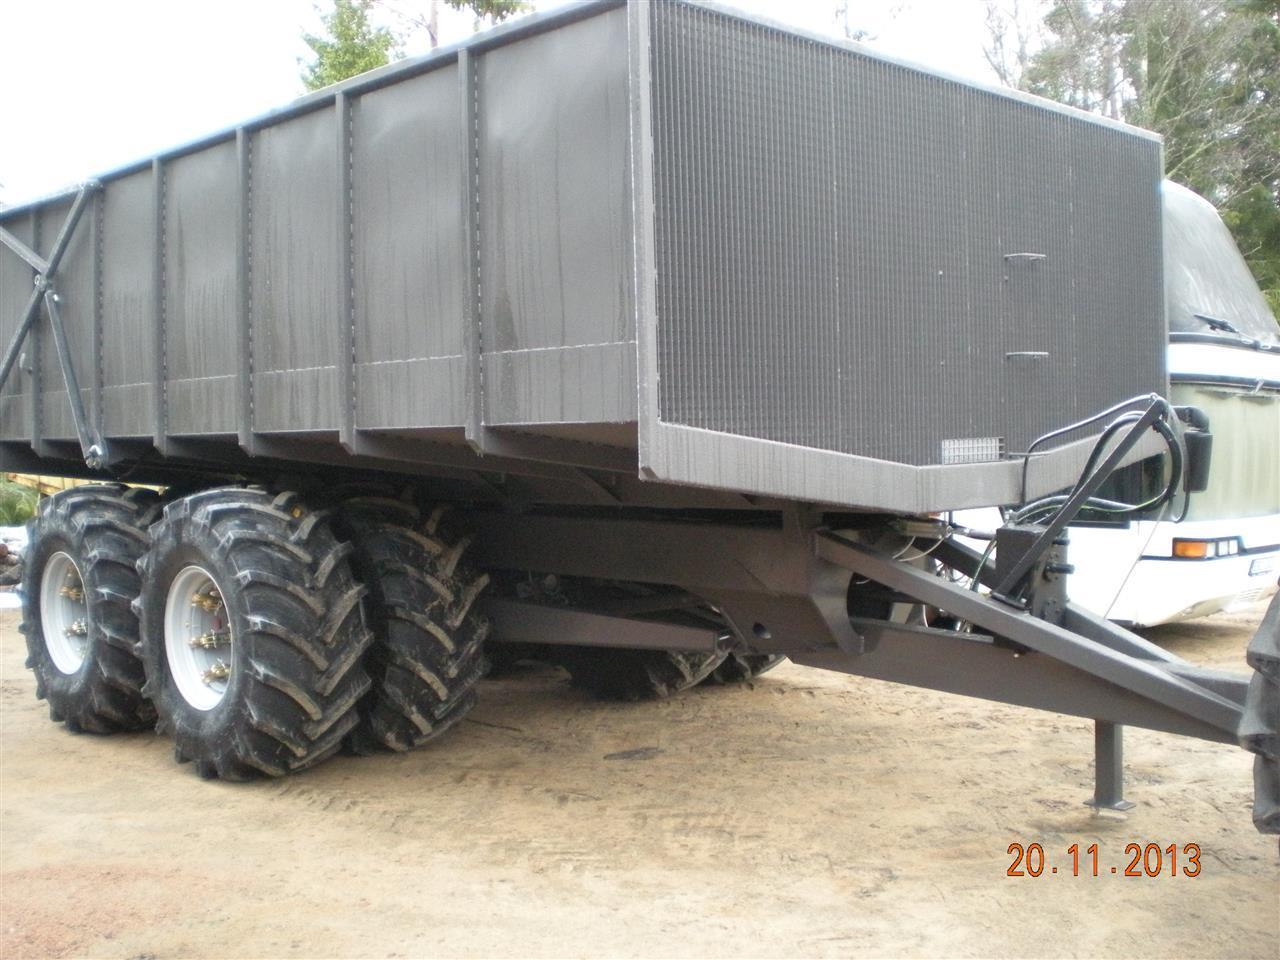 Vagnbygge 2013 till mosse åt kund